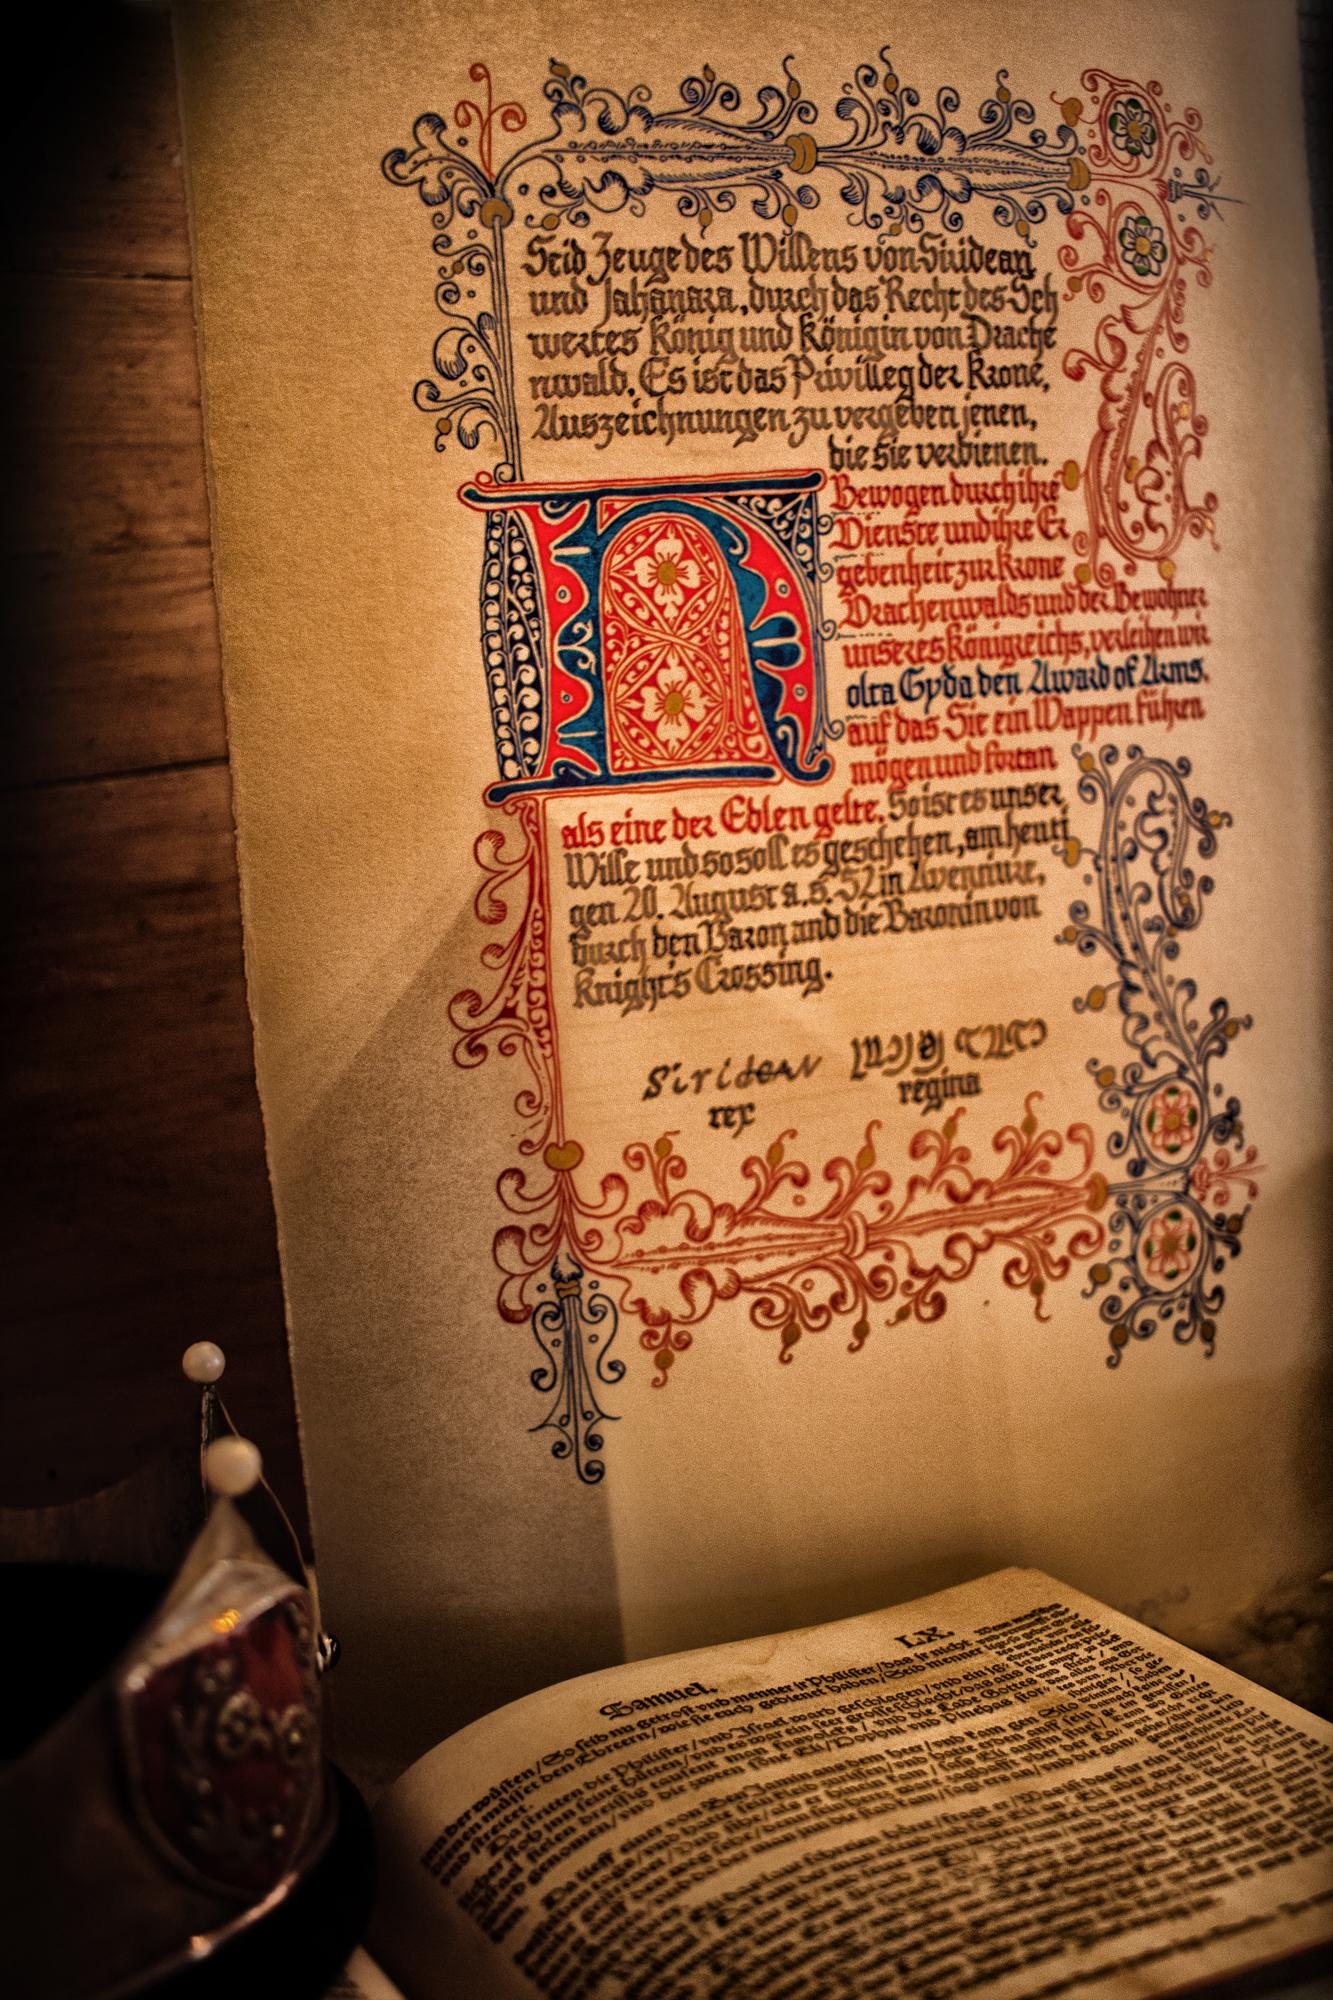 Urkunde für einen Award of Arms, von Mistress Ailitha de Aynwik